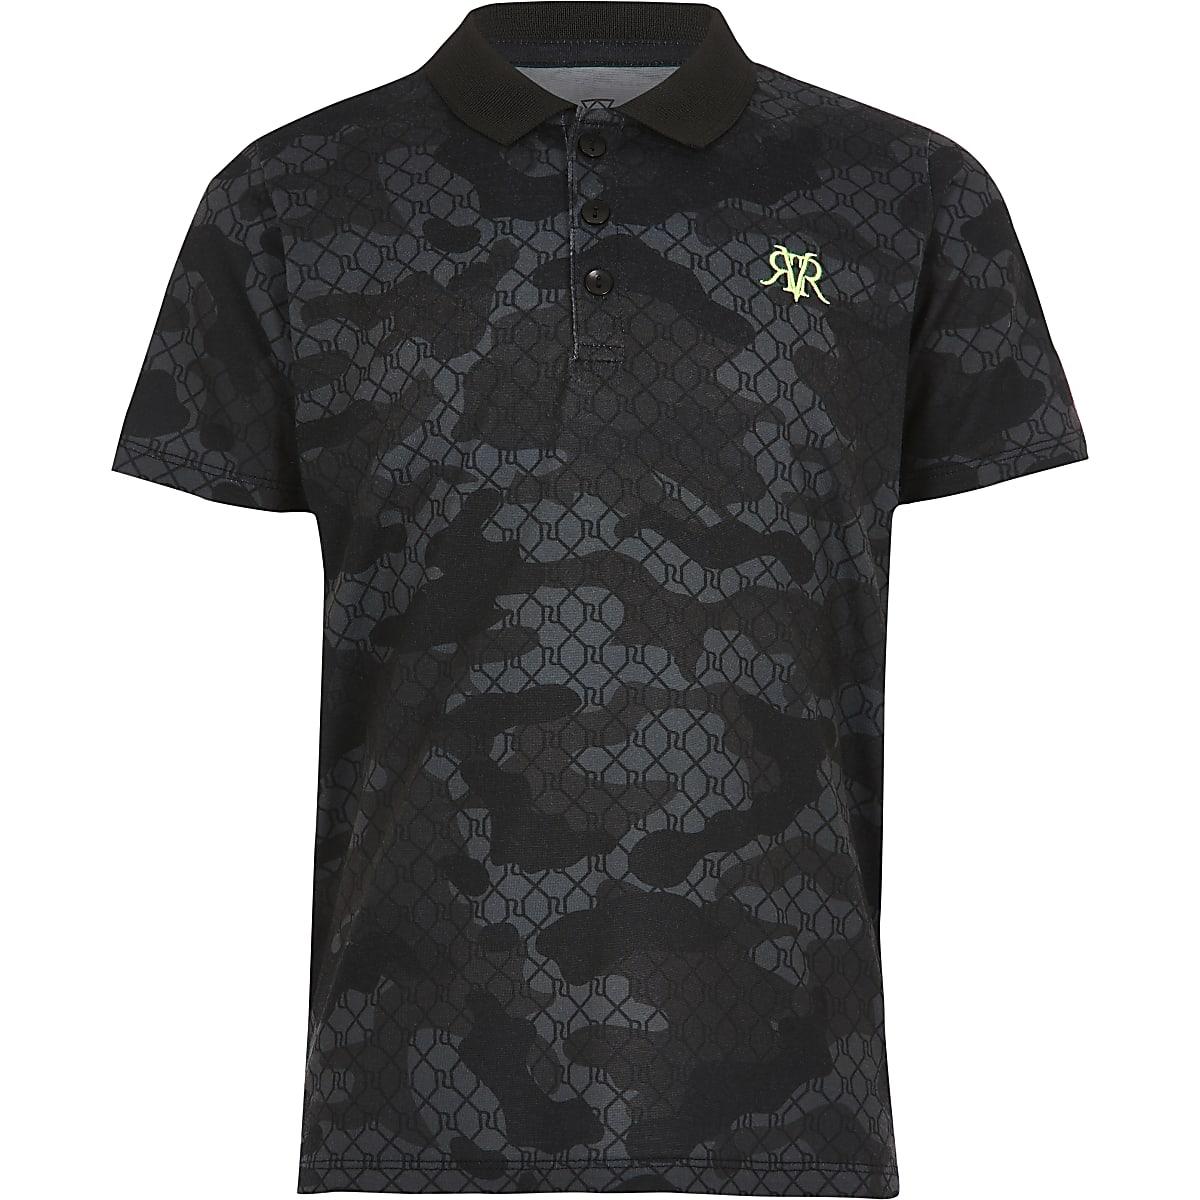 Zwart poloshirt met camouflageprint voor jongens